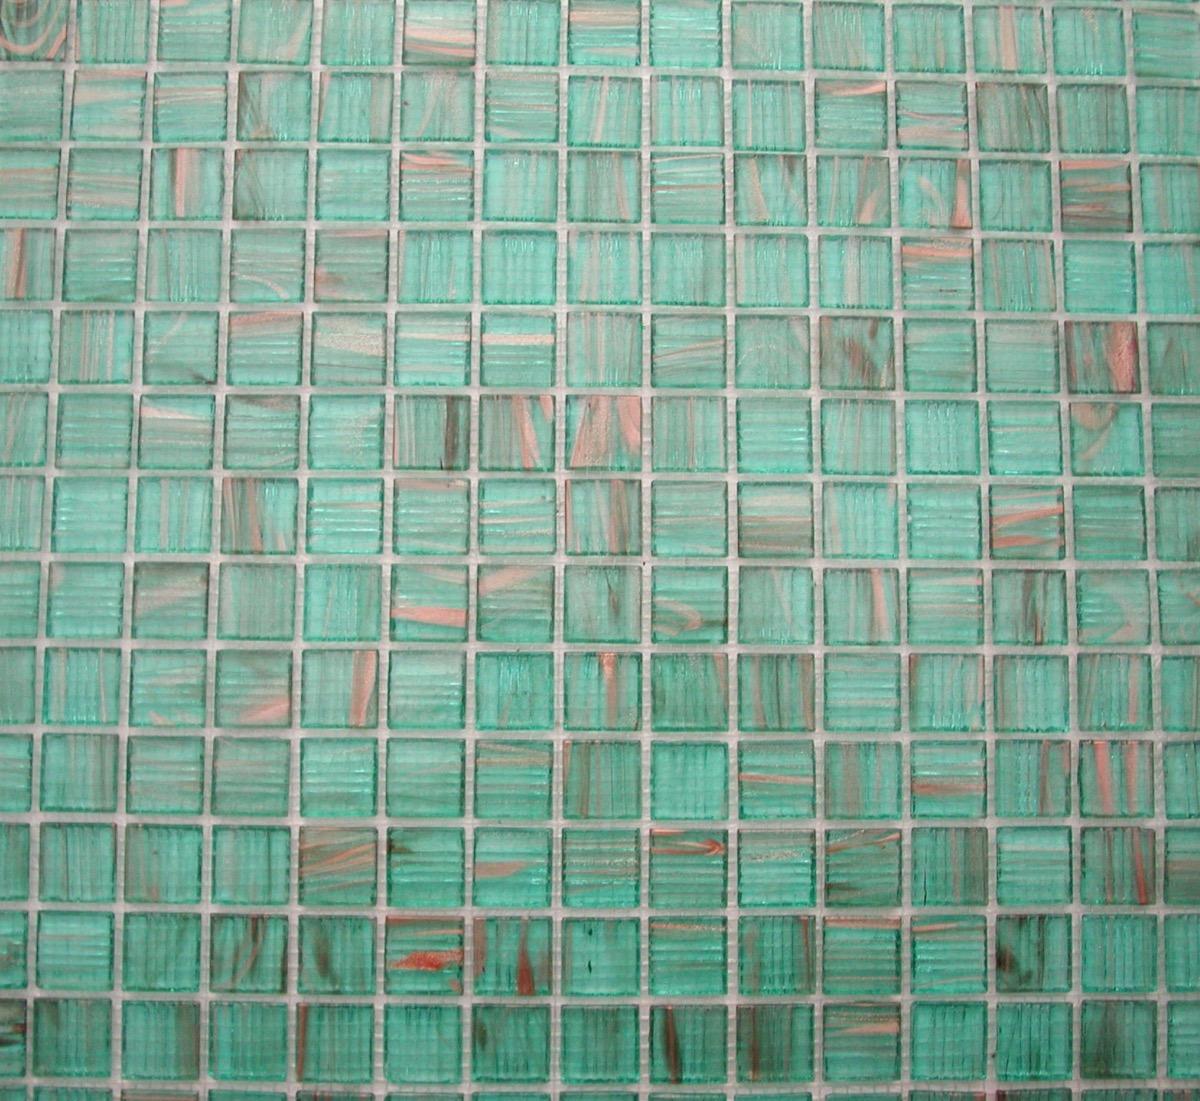 vert mosaique pate de verre vert turquoise aqua translucide gemme par m